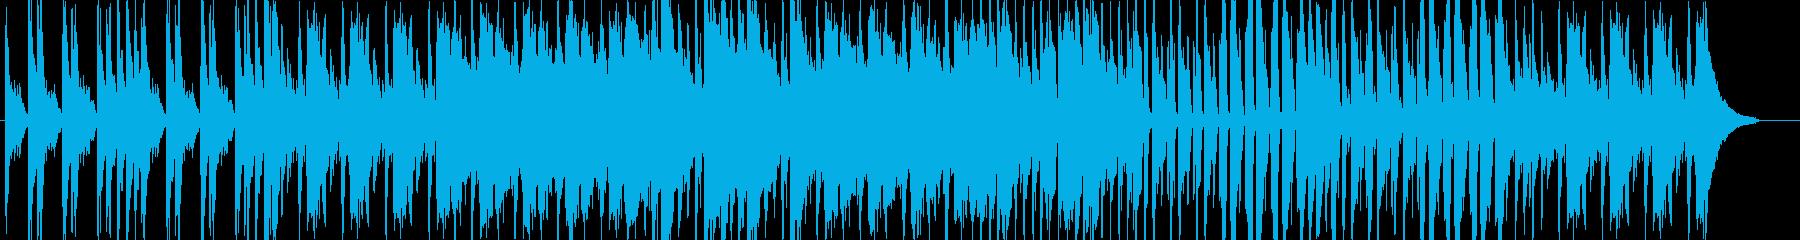 ピアノ、コントラバス、ドラムを中心にし…の再生済みの波形